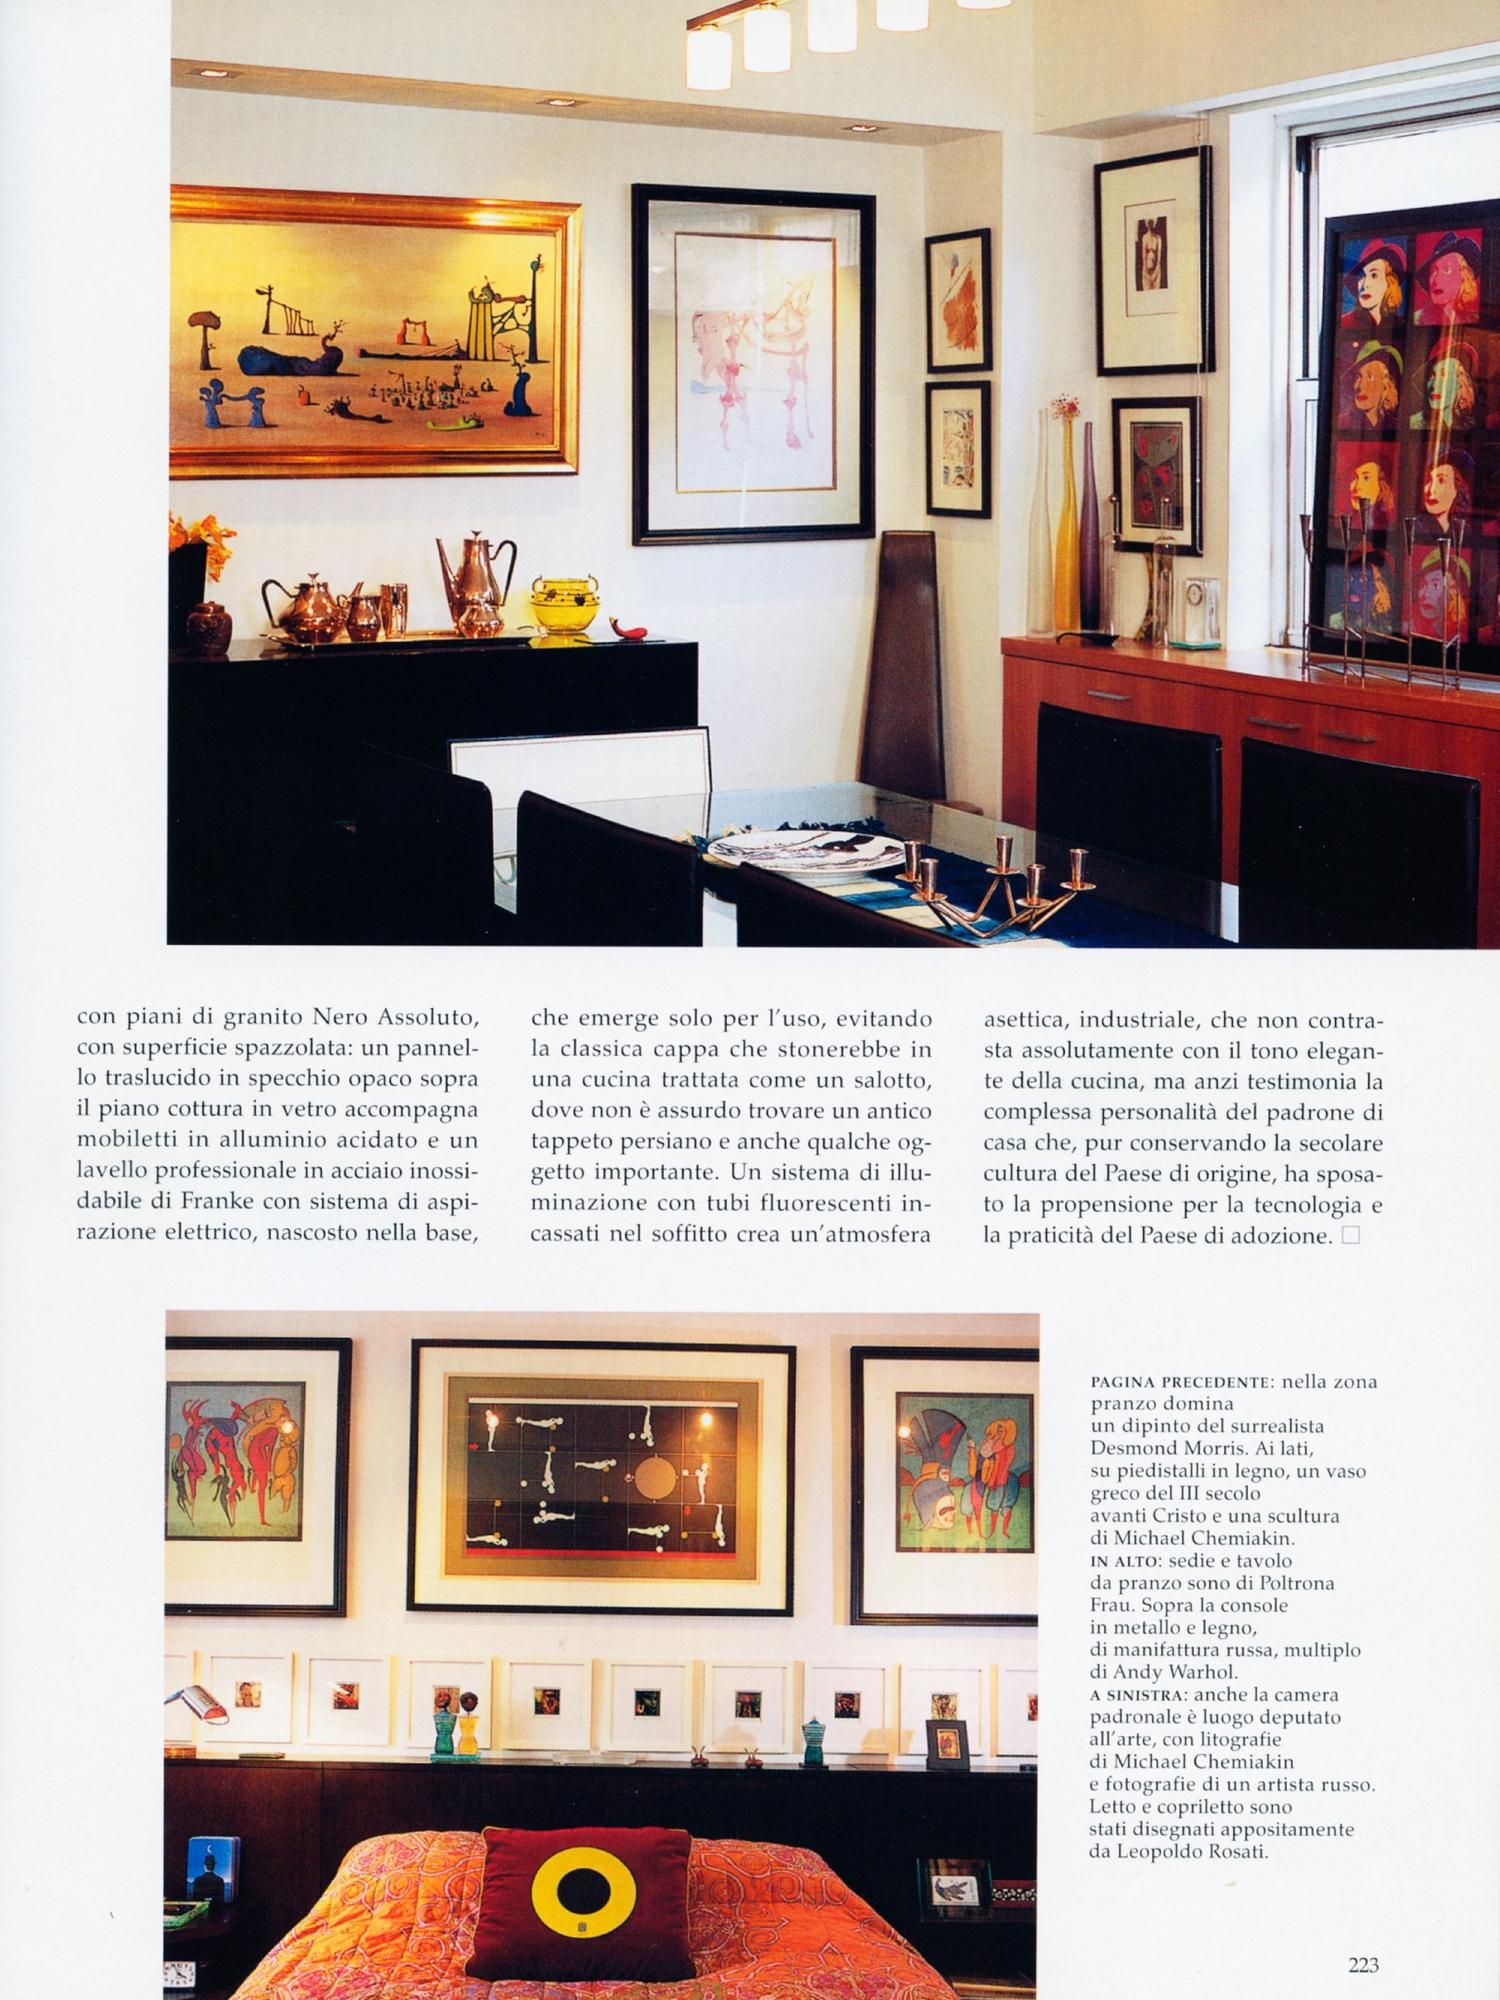 Lo Specchio In Cucina architectural digest italia march 2007 — leopoldo rosati